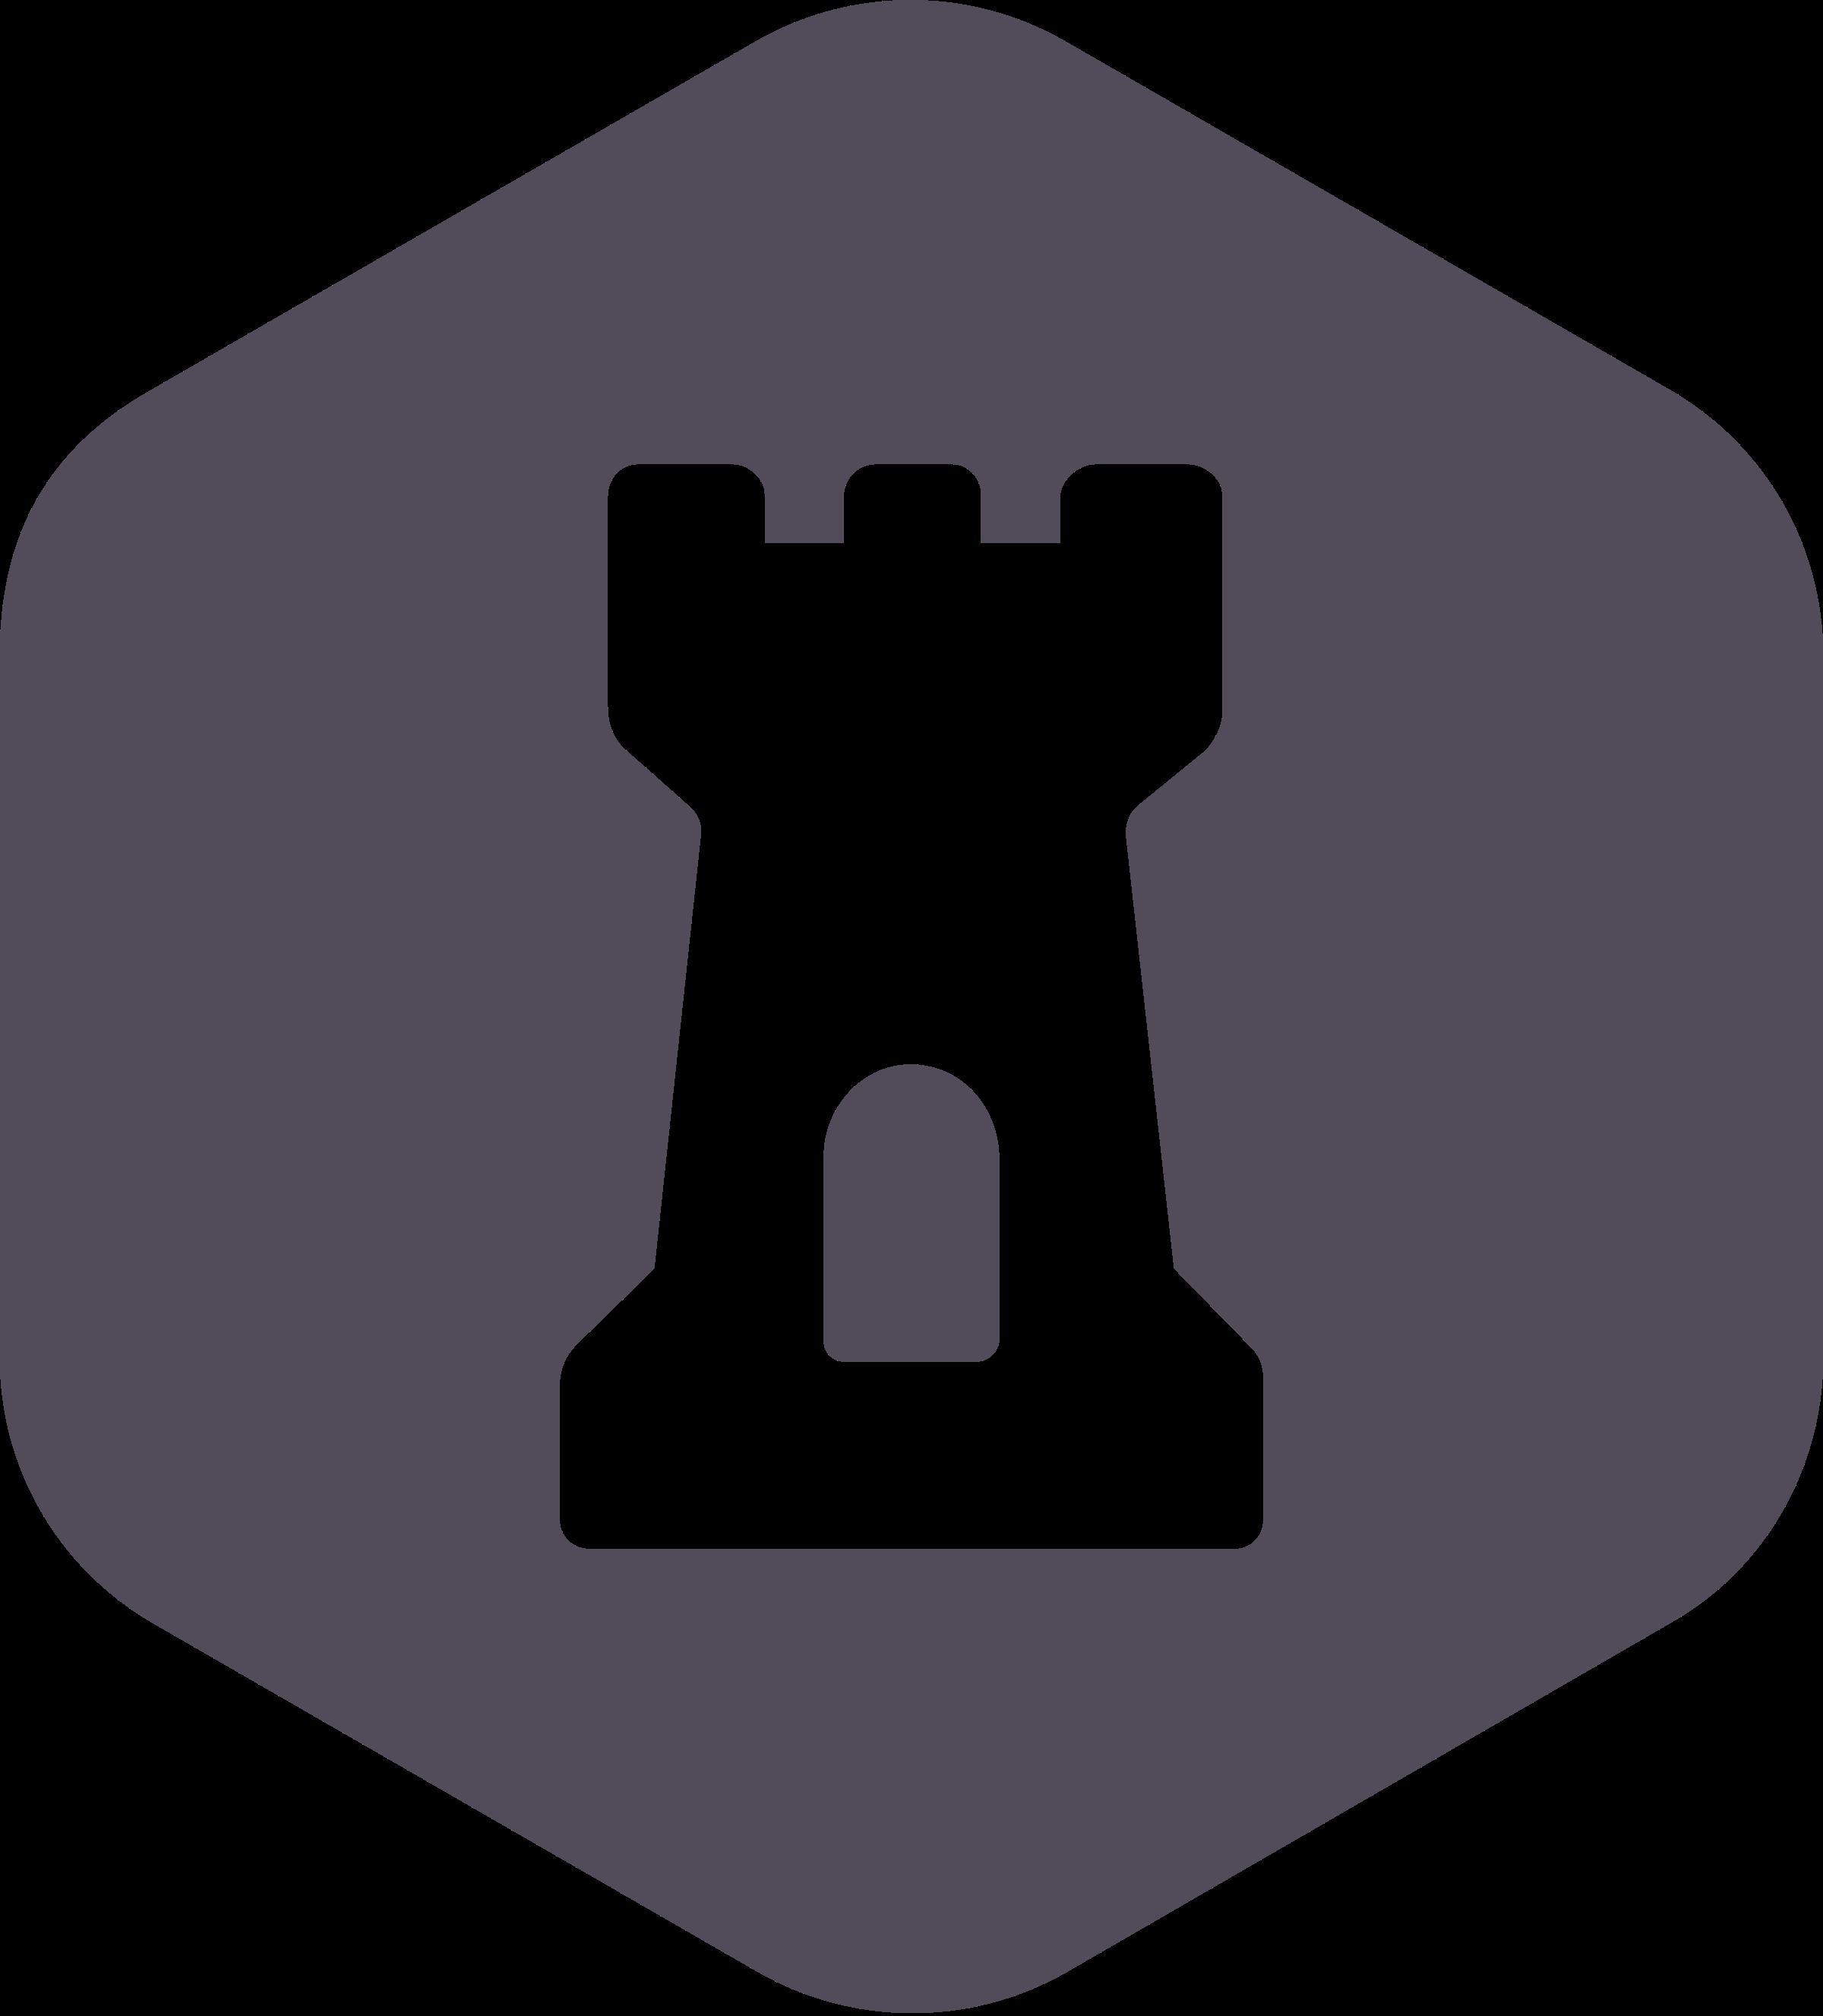 Formkeep - отзывы,  альтернативы (аналоги, конкуренты), сервисы по созданию веб-форм, функционал, сравнения